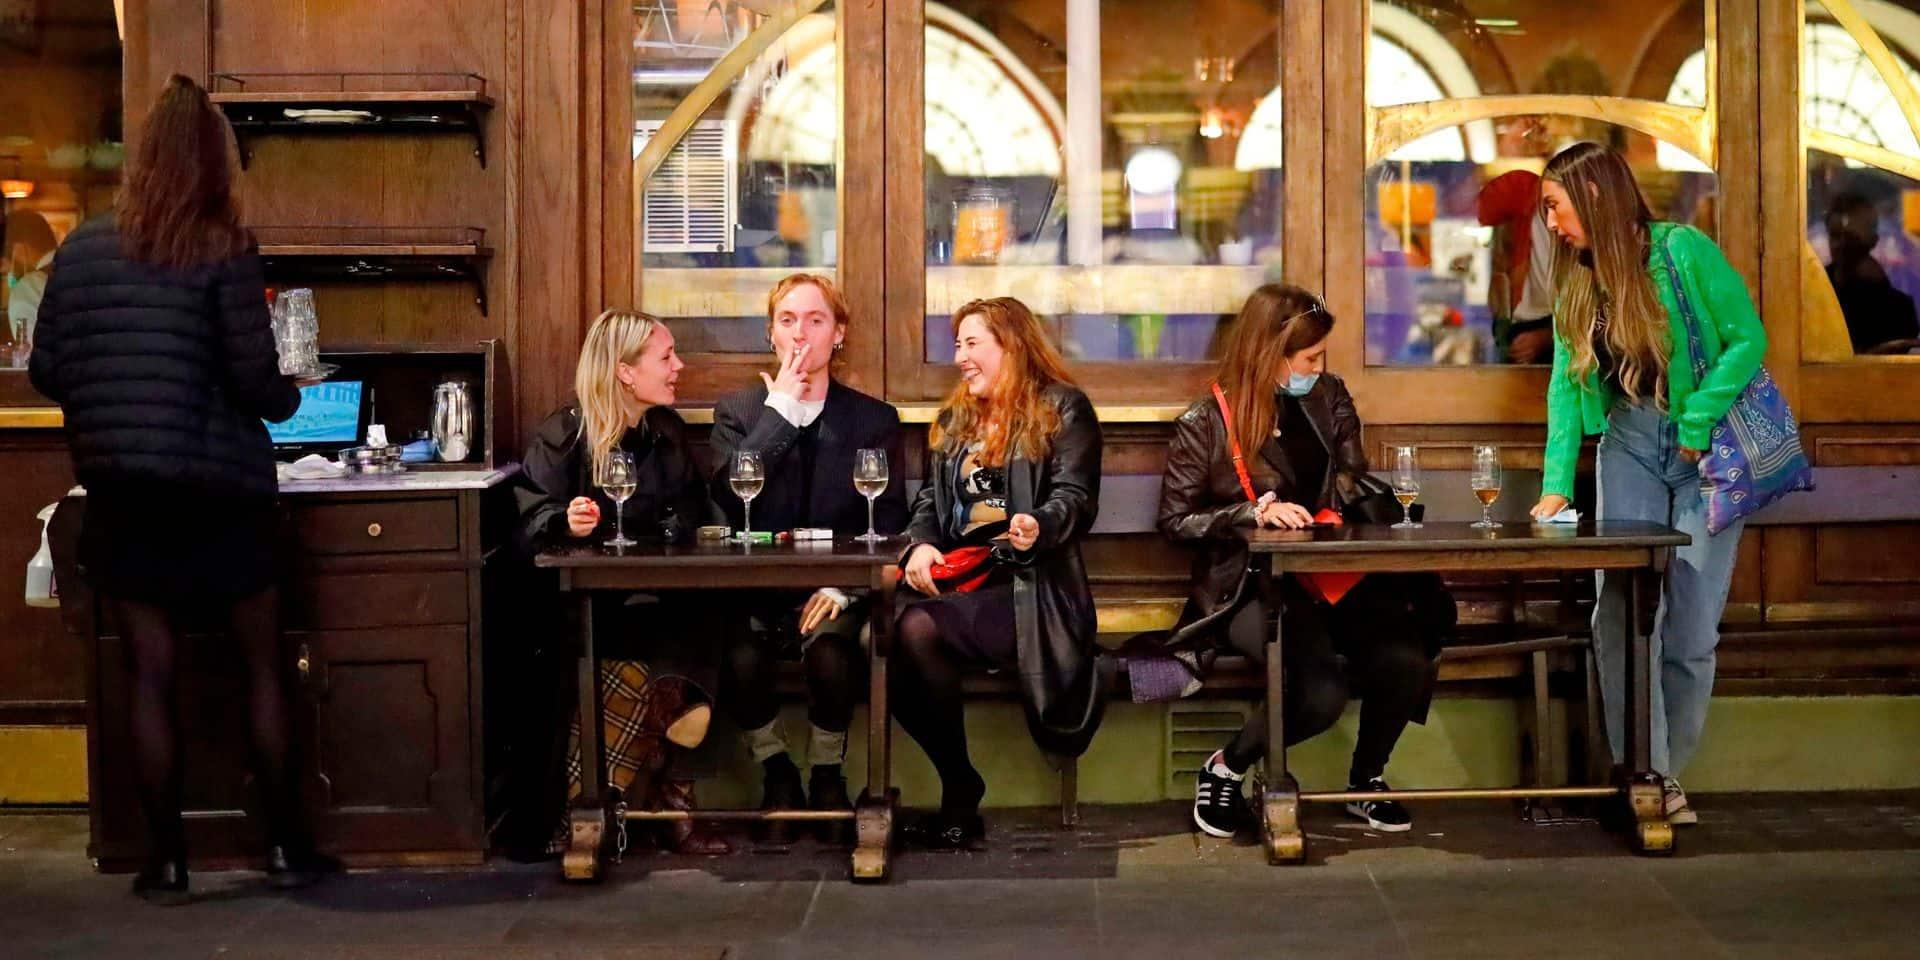 Restaurant entre collègues, fête d'anniversaire, sport...: quelle vie sociale peut-on avoir suite aux nouvelles règles du CNS?